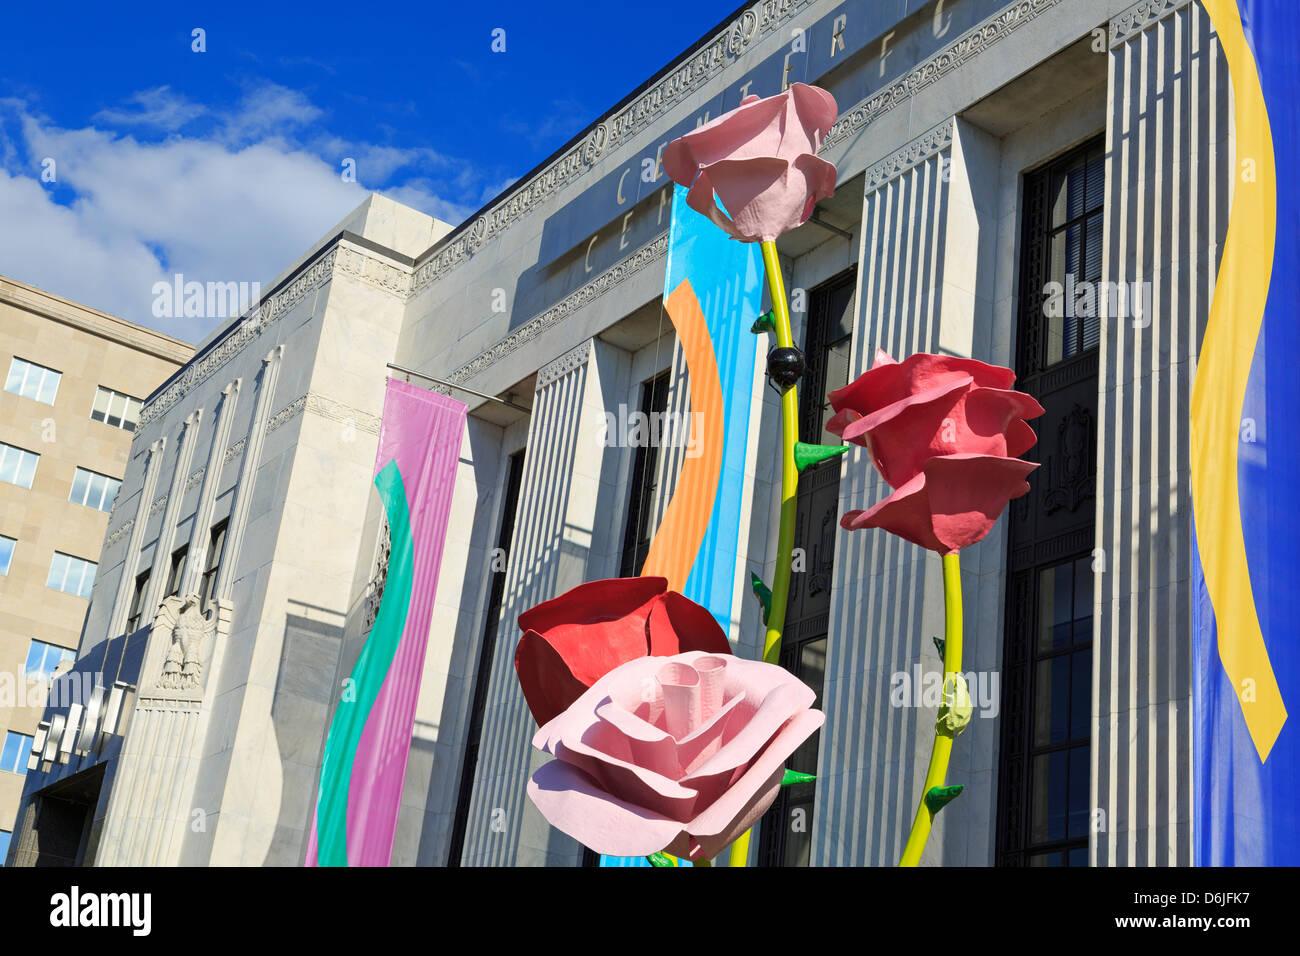 Frist-Center für die bildende Kunst, Nashville, Tennessee, Vereinigte Staaten von Amerika, Nordamerika Stockbild